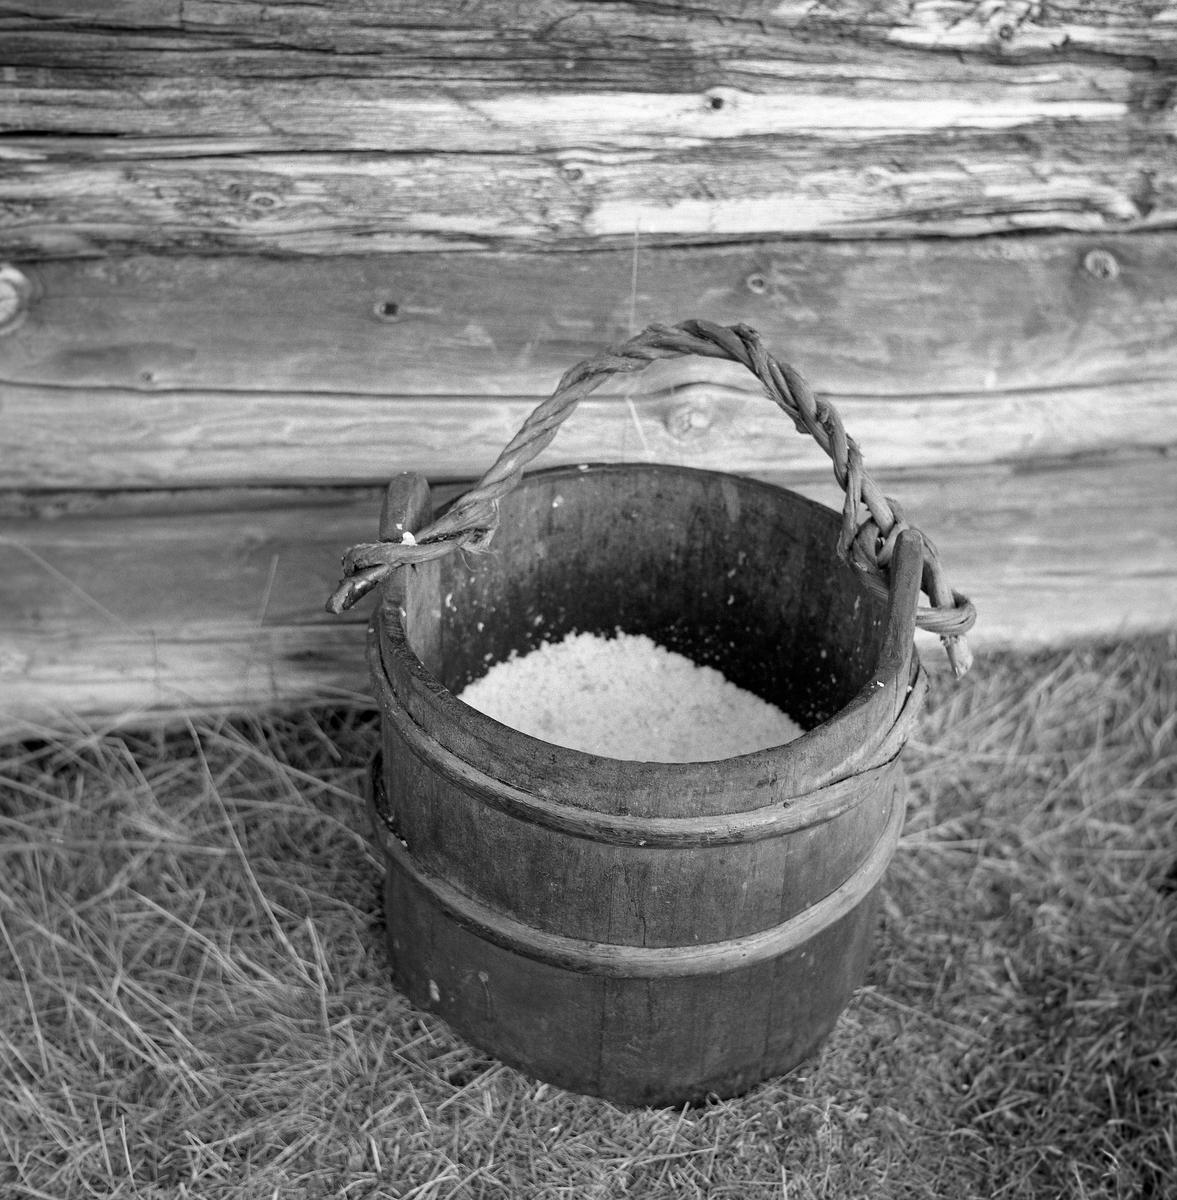 Lagget bøtte av tre, fotografert ved veggen på et laftet hus på Fiskevollen i Øvre Rendalen.  To av stavene – på hver sin side av bøtta – er noe lengre enn de øvrige.  I disse er det boret hull, hvor det er festet en bærehank av ei vridd bjørkevidje.  Bøtta er omtrent halvfylt av et kvitt materiale, antakelig grovt salt, som ble brukt til konservering av fangstene fra de store sesongfiskeriene av sik og røye i Sølensjøen.  Konserveringa skjedde enten ved forholdsvis «hard» nedsalting i tretønner i ymse formater – fisk og salt, lag på lag.  Ved raking ble godt reingjort fisk lagt i en lake av salt og sukker.  Også i denne sammenhengen brukte man lenge tretønner som beholdere, men da dette fotografiet ble tatt, i midten av 1960-åra, var raking i plastbøtter i ferd med å bli den mest utbredte konserveringsmetoden i Sølensjøfisket.